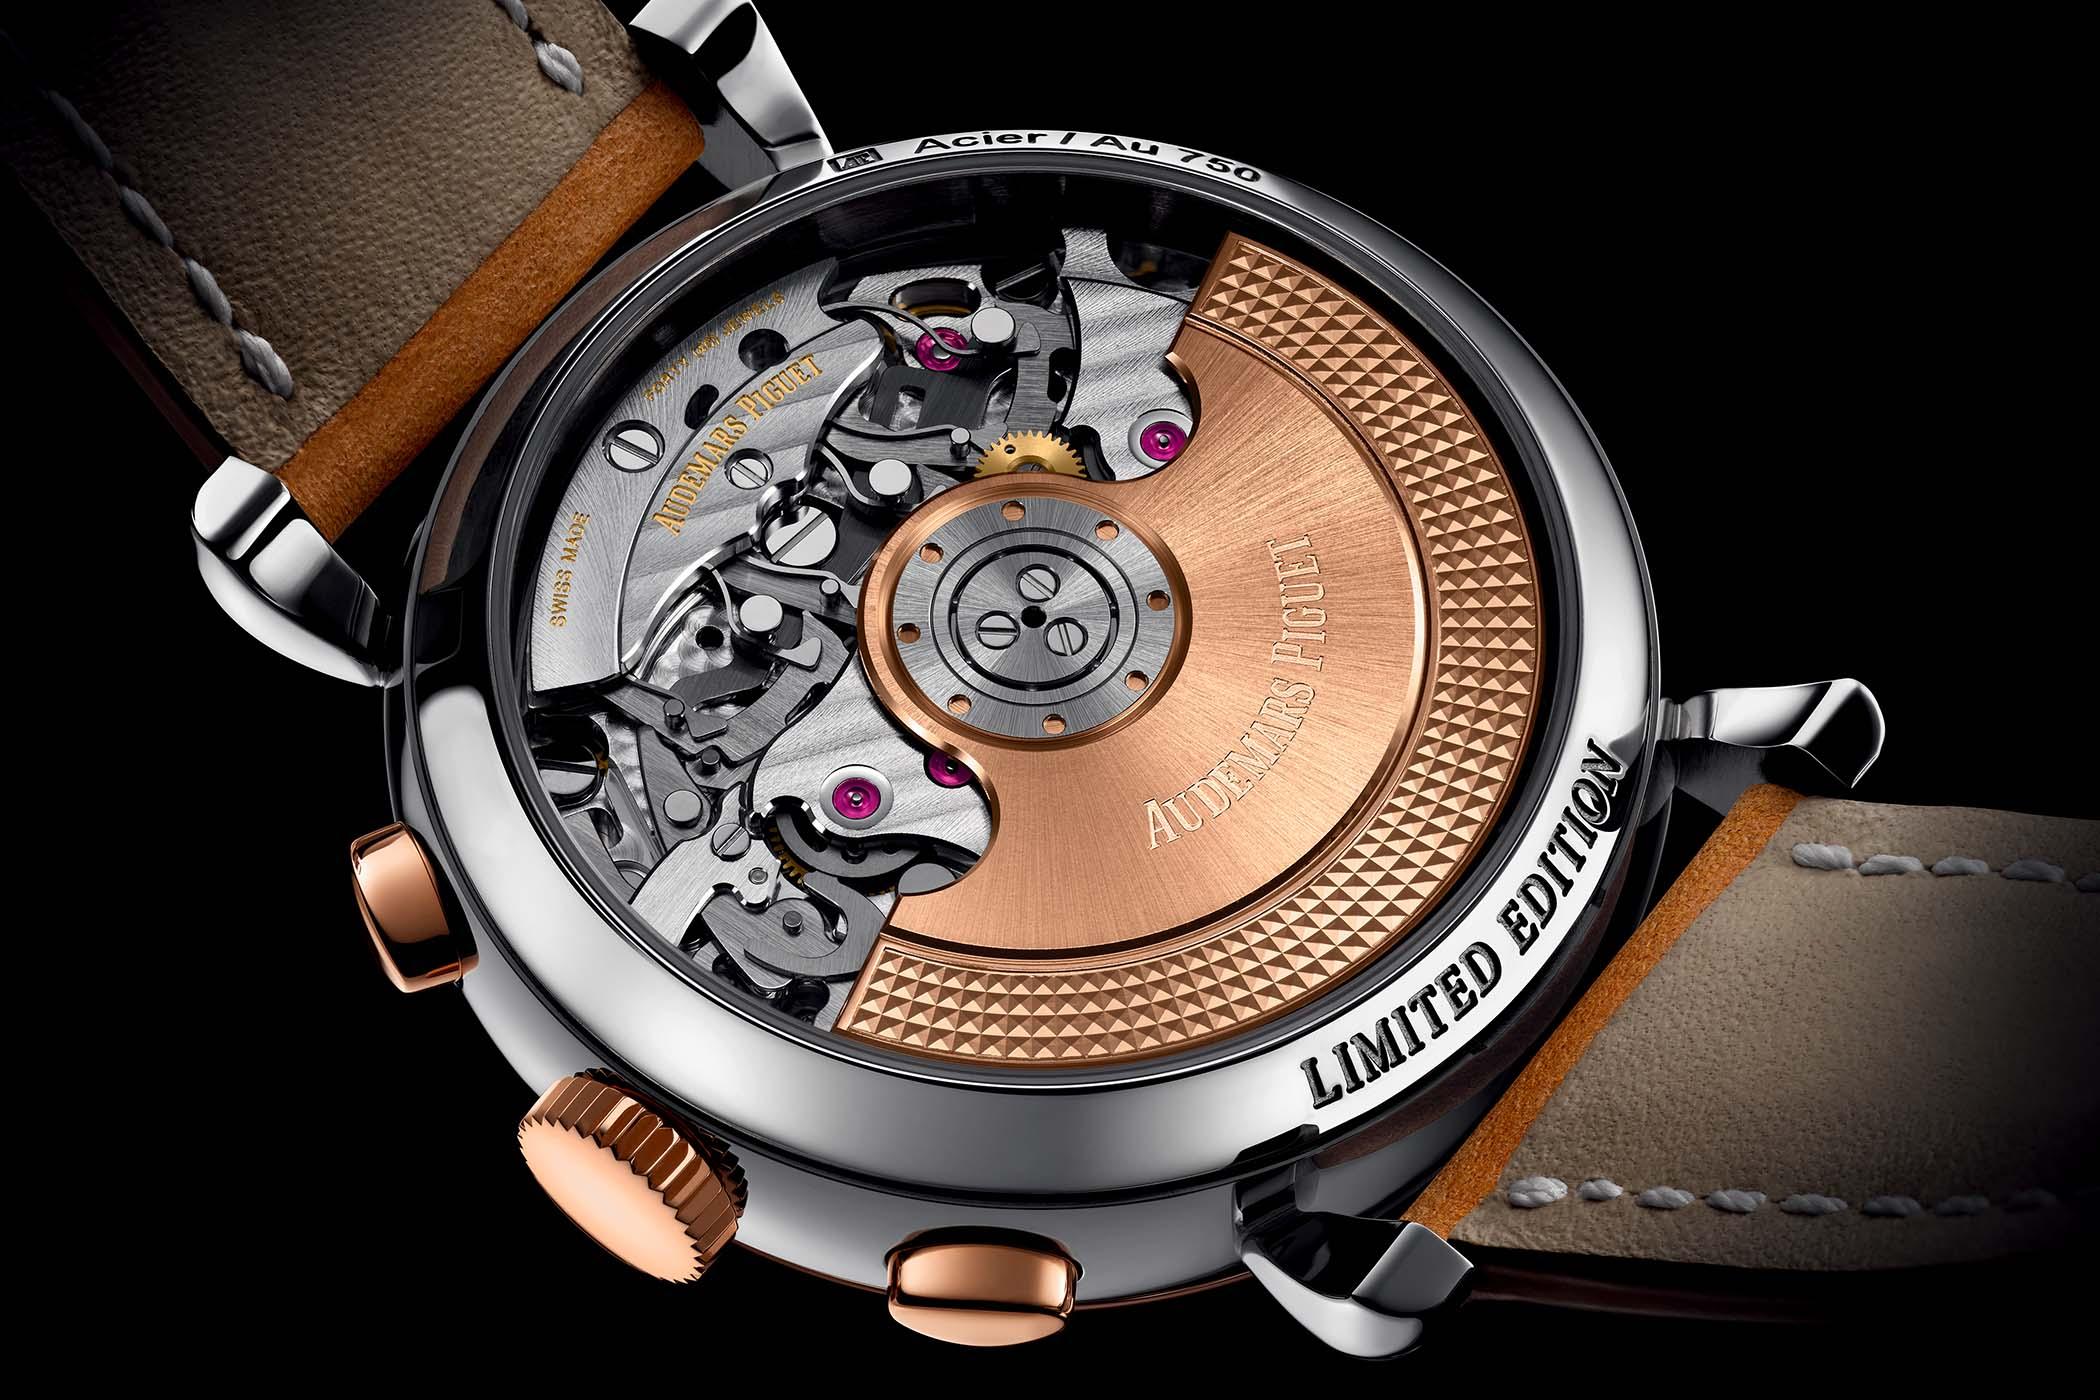 Audemars Piguet [Re]master01 Selfwinding Chronograph